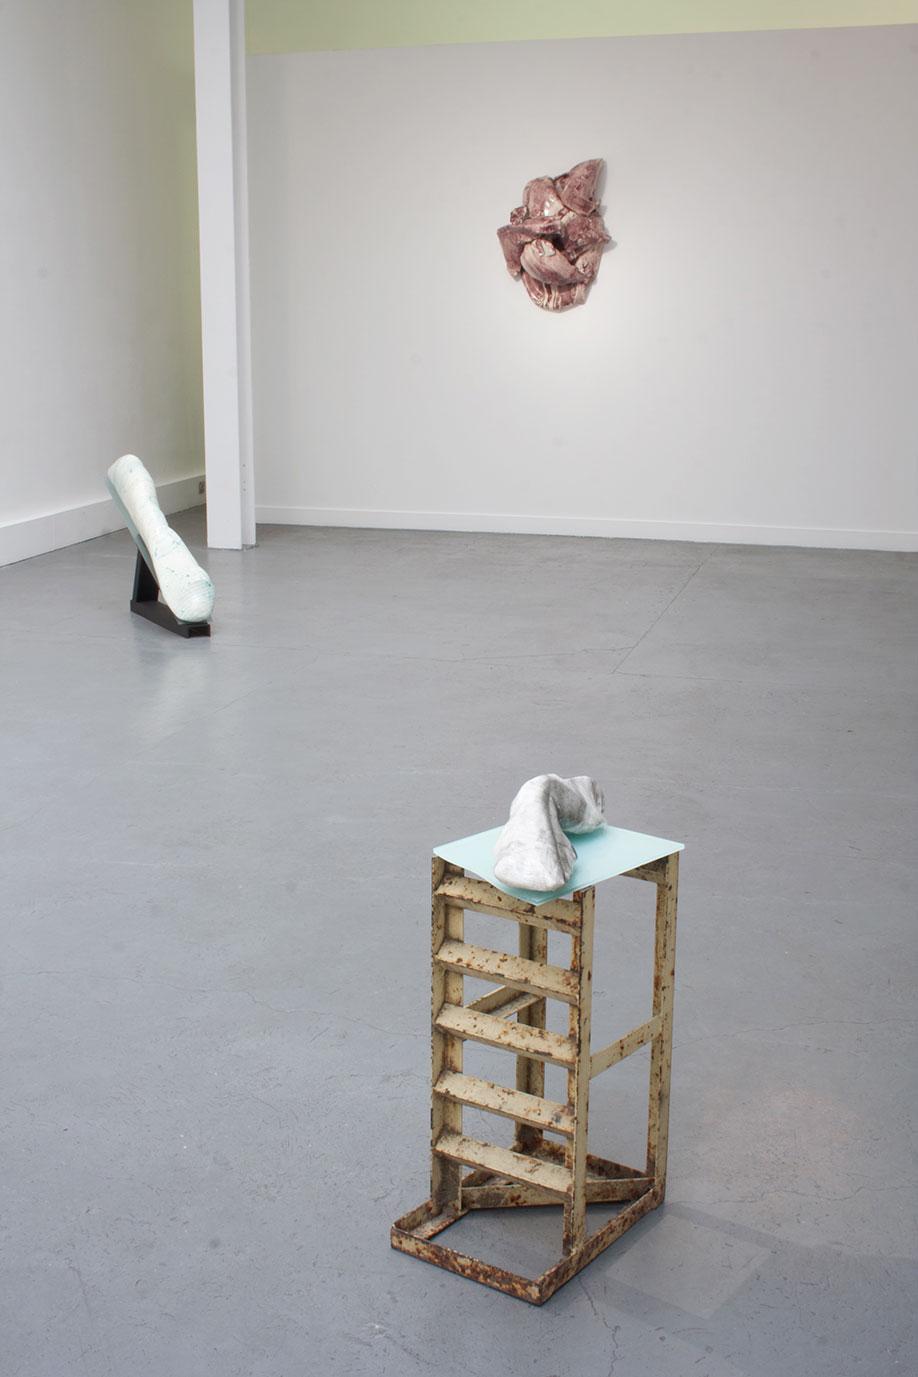 <b>Title:</b>La Galerie Particuliére, Paris, installation view<br /><b>Year:</b>2015<br />